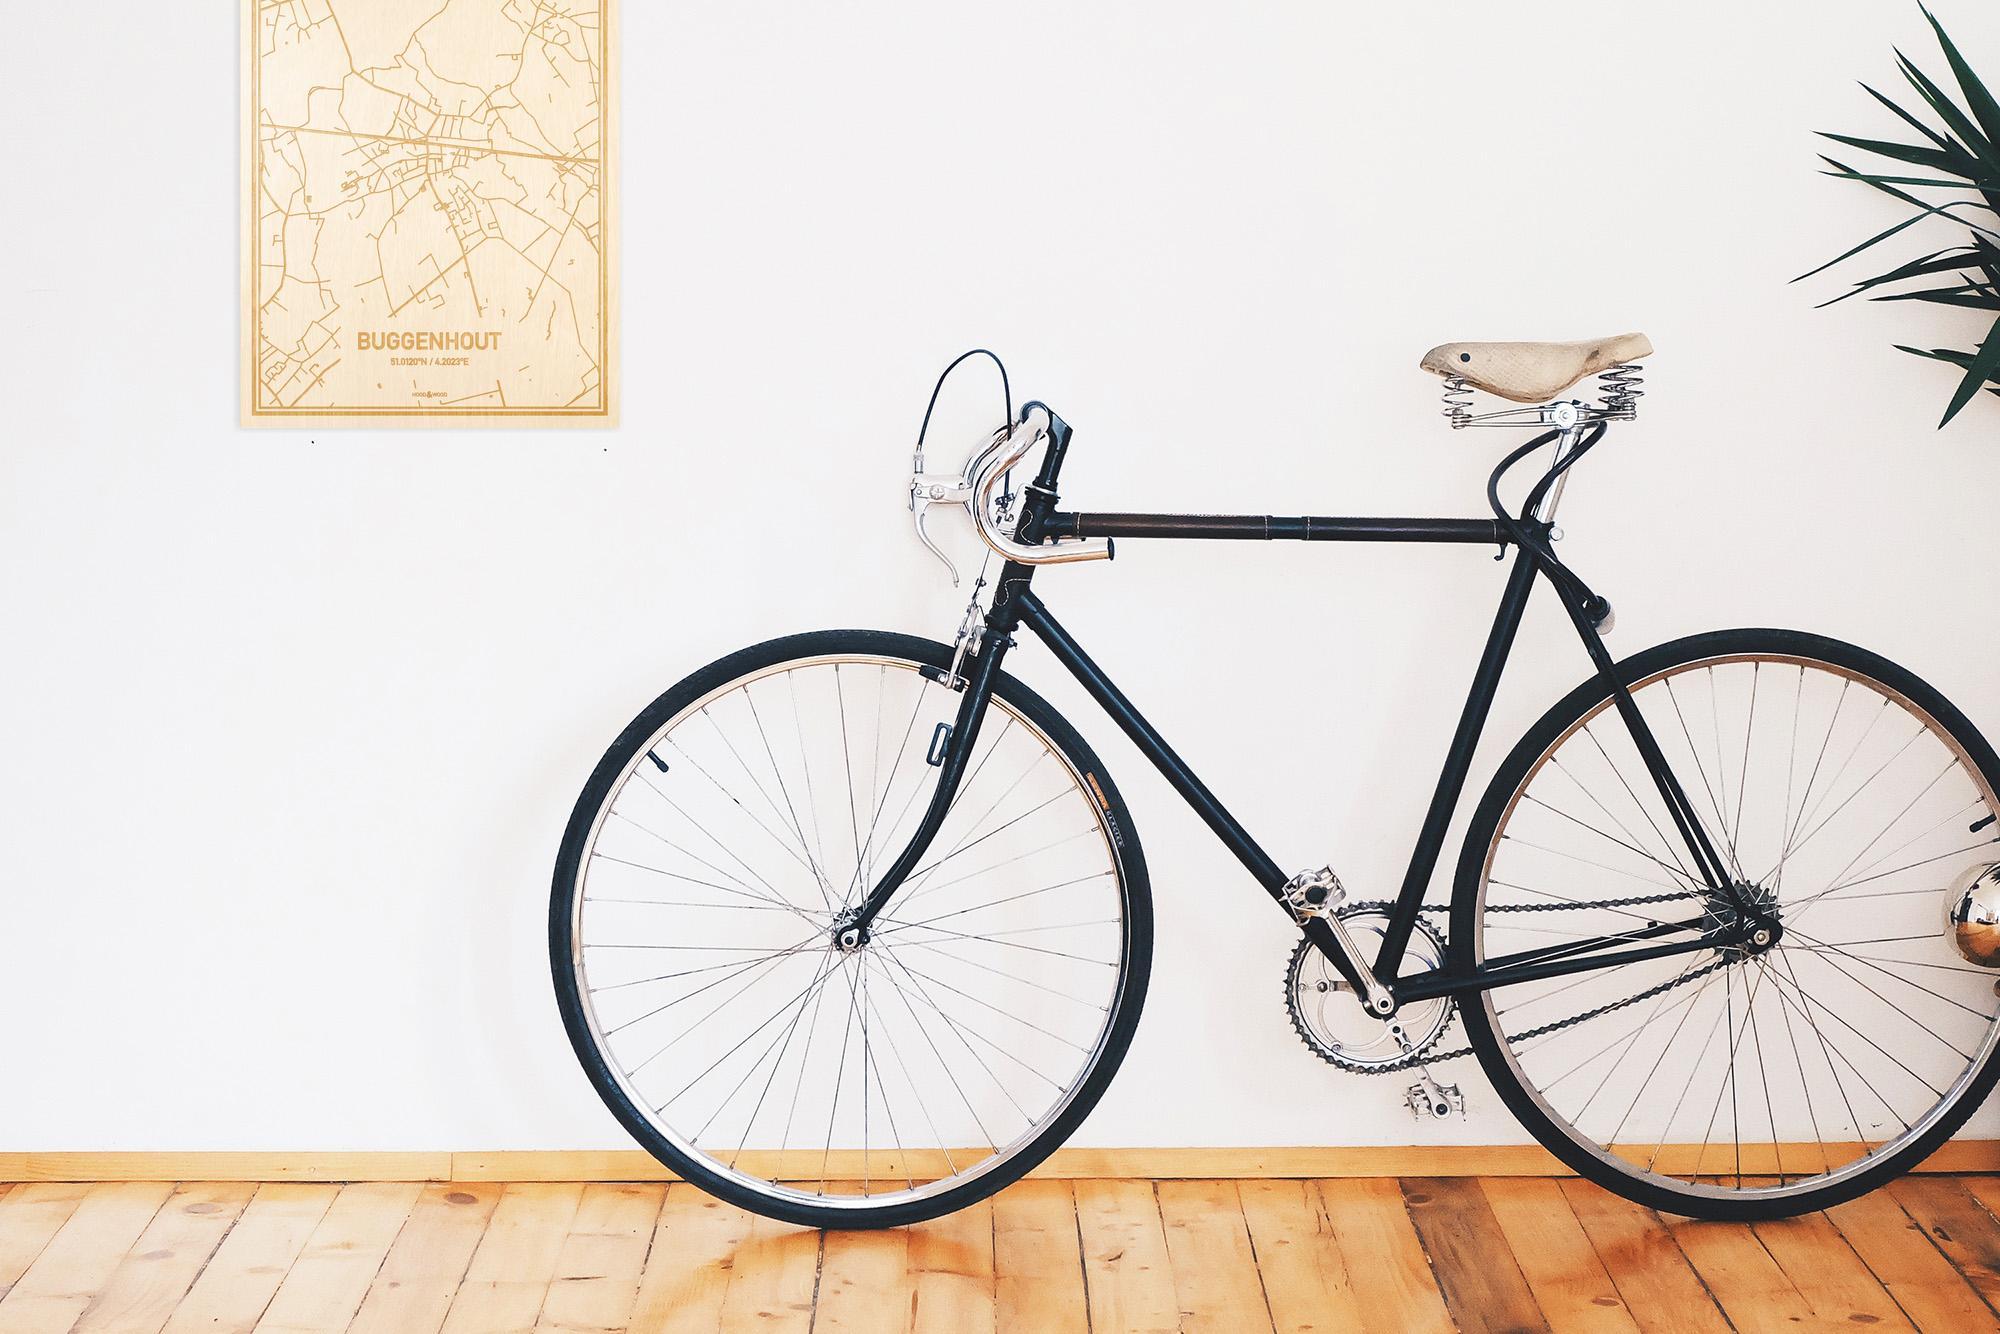 Een snelle fiets in een uniek interieur in Oost-Vlaanderen  met mooie decoratie zoals de plattegrond Buggenhout.